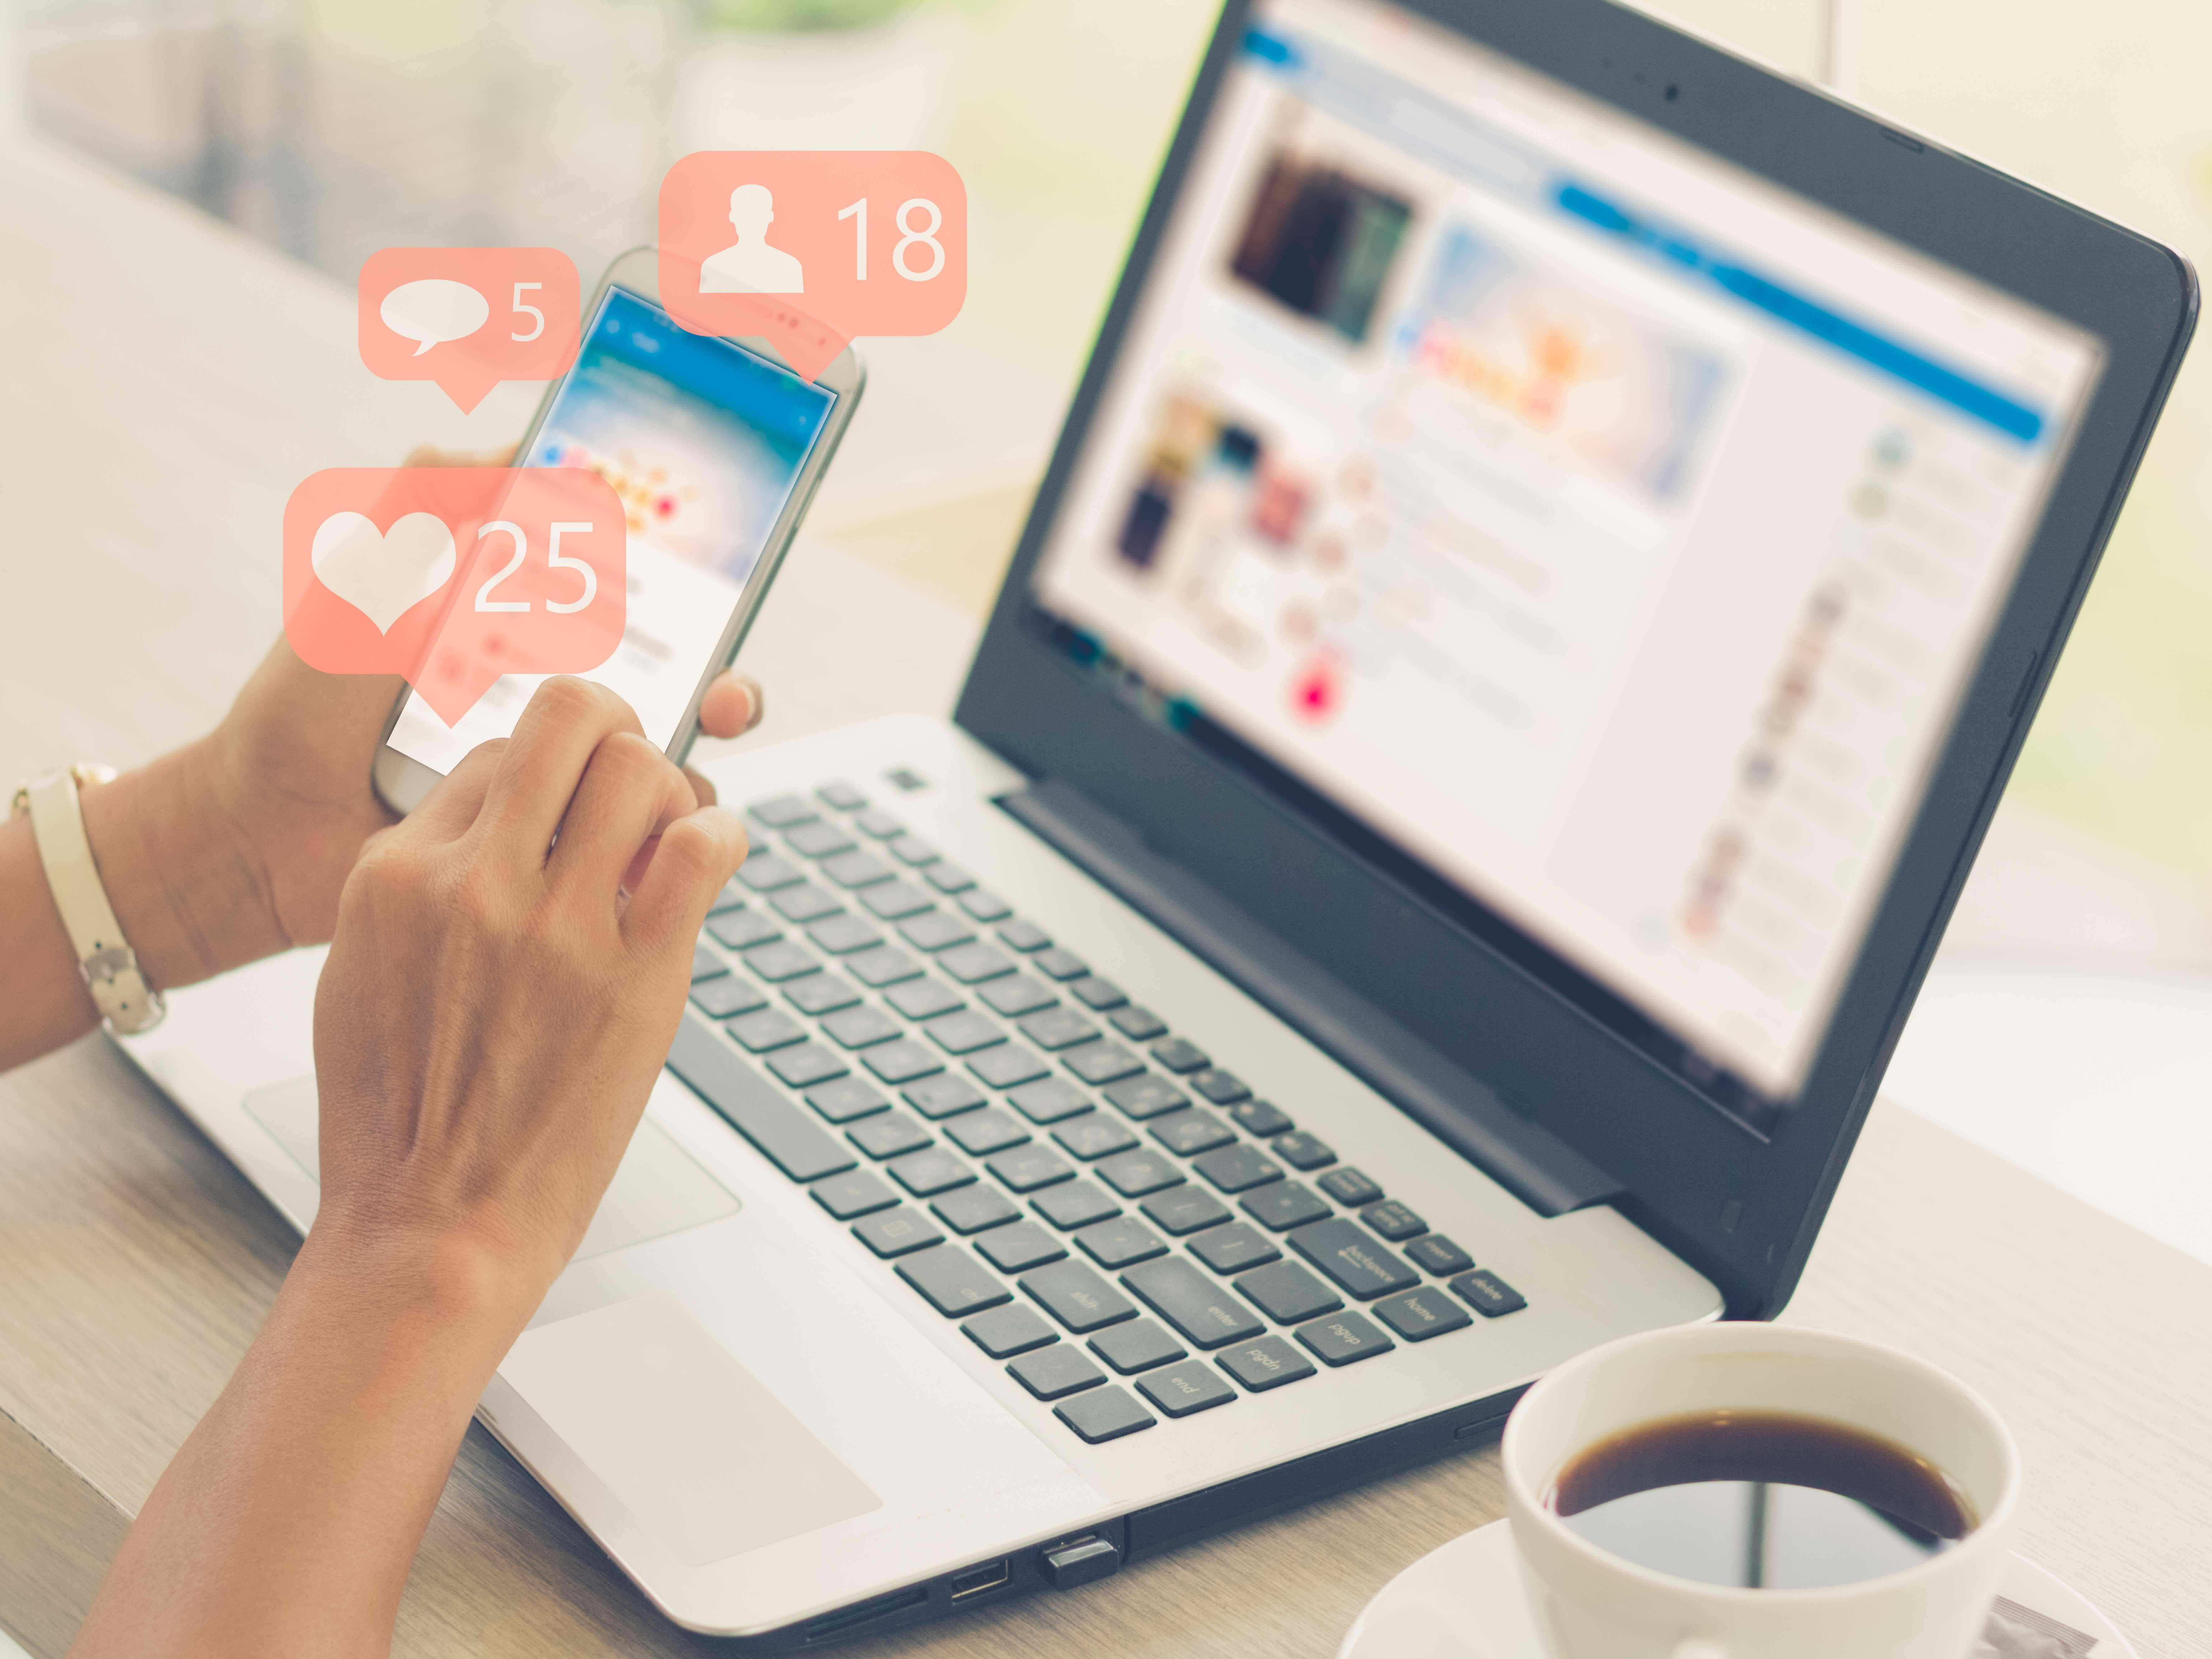 Will the legislature bring defamation law regarding publication on social media platforms into the 21st century?